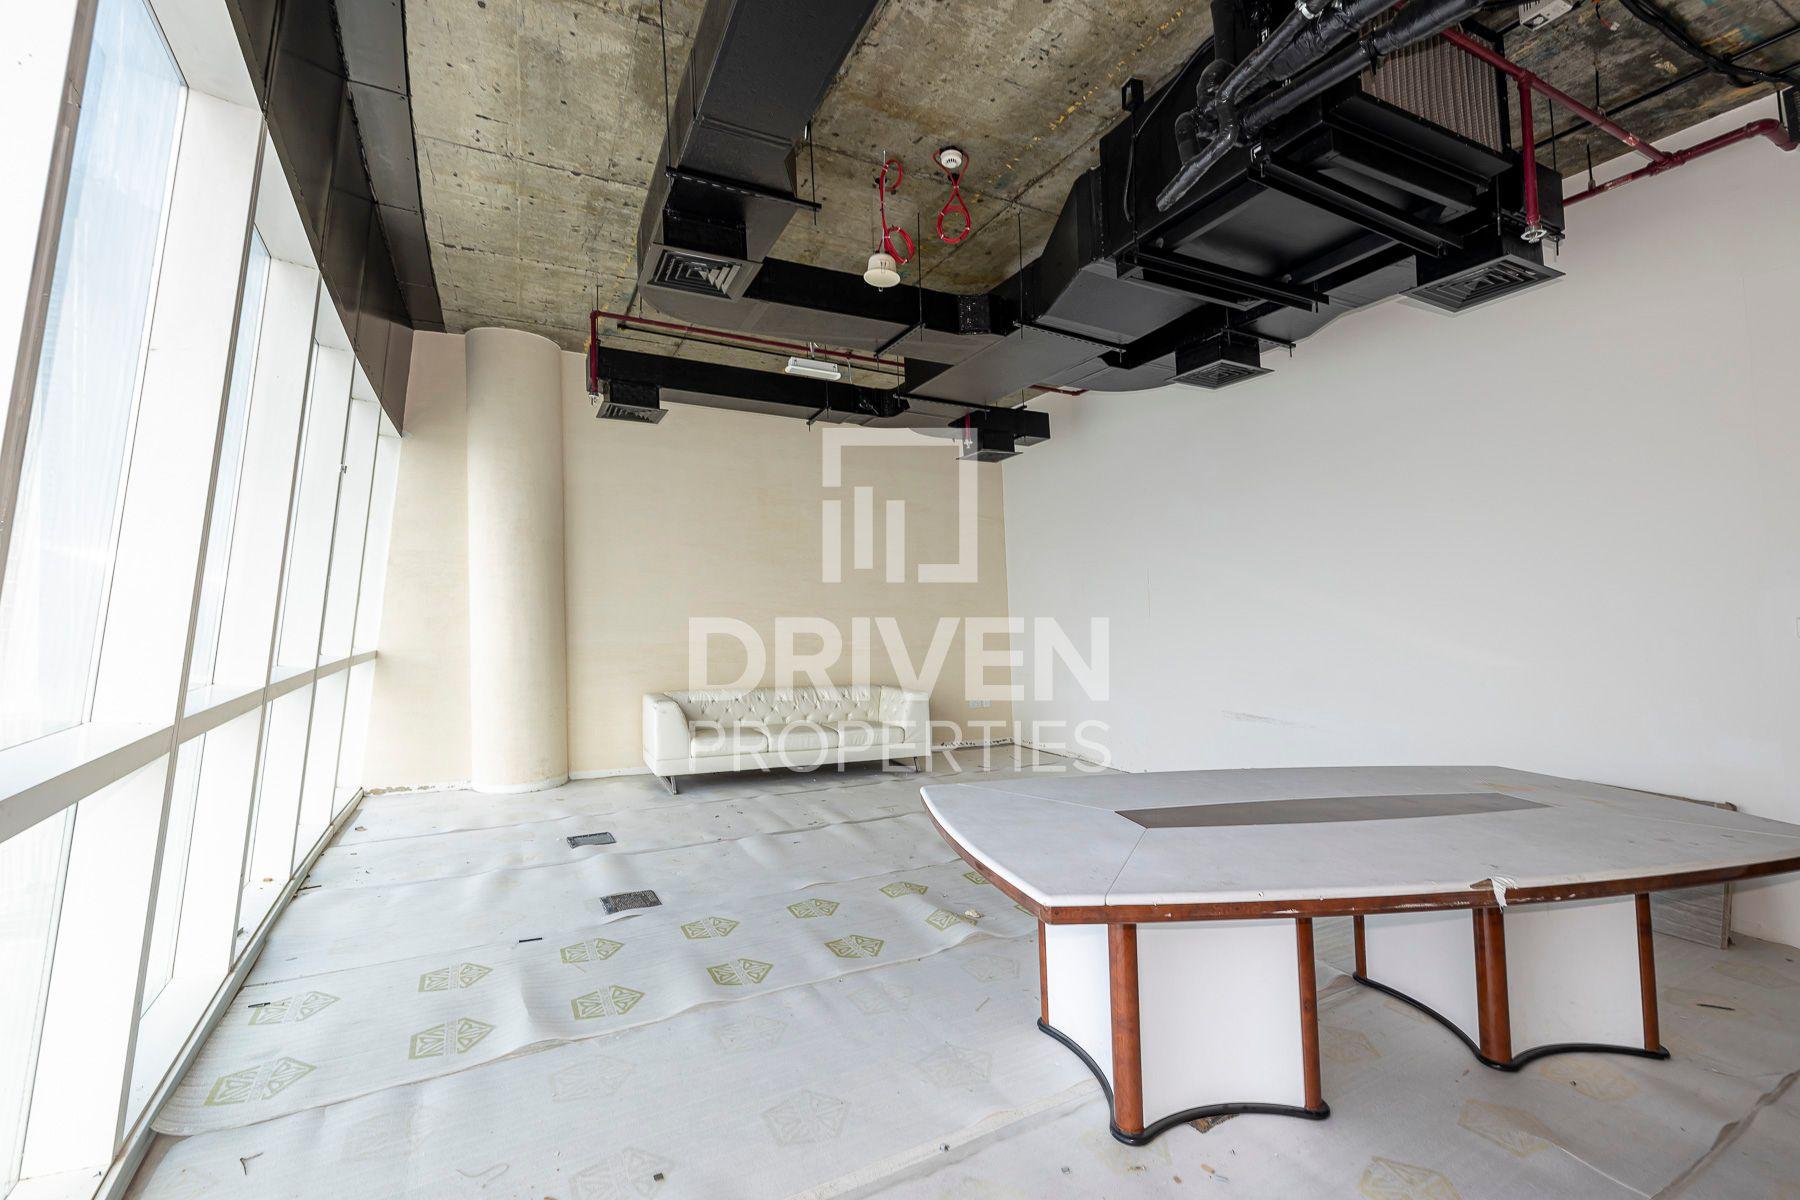 525 قدم مربع  مكتب - للايجار - الخليج التجاري